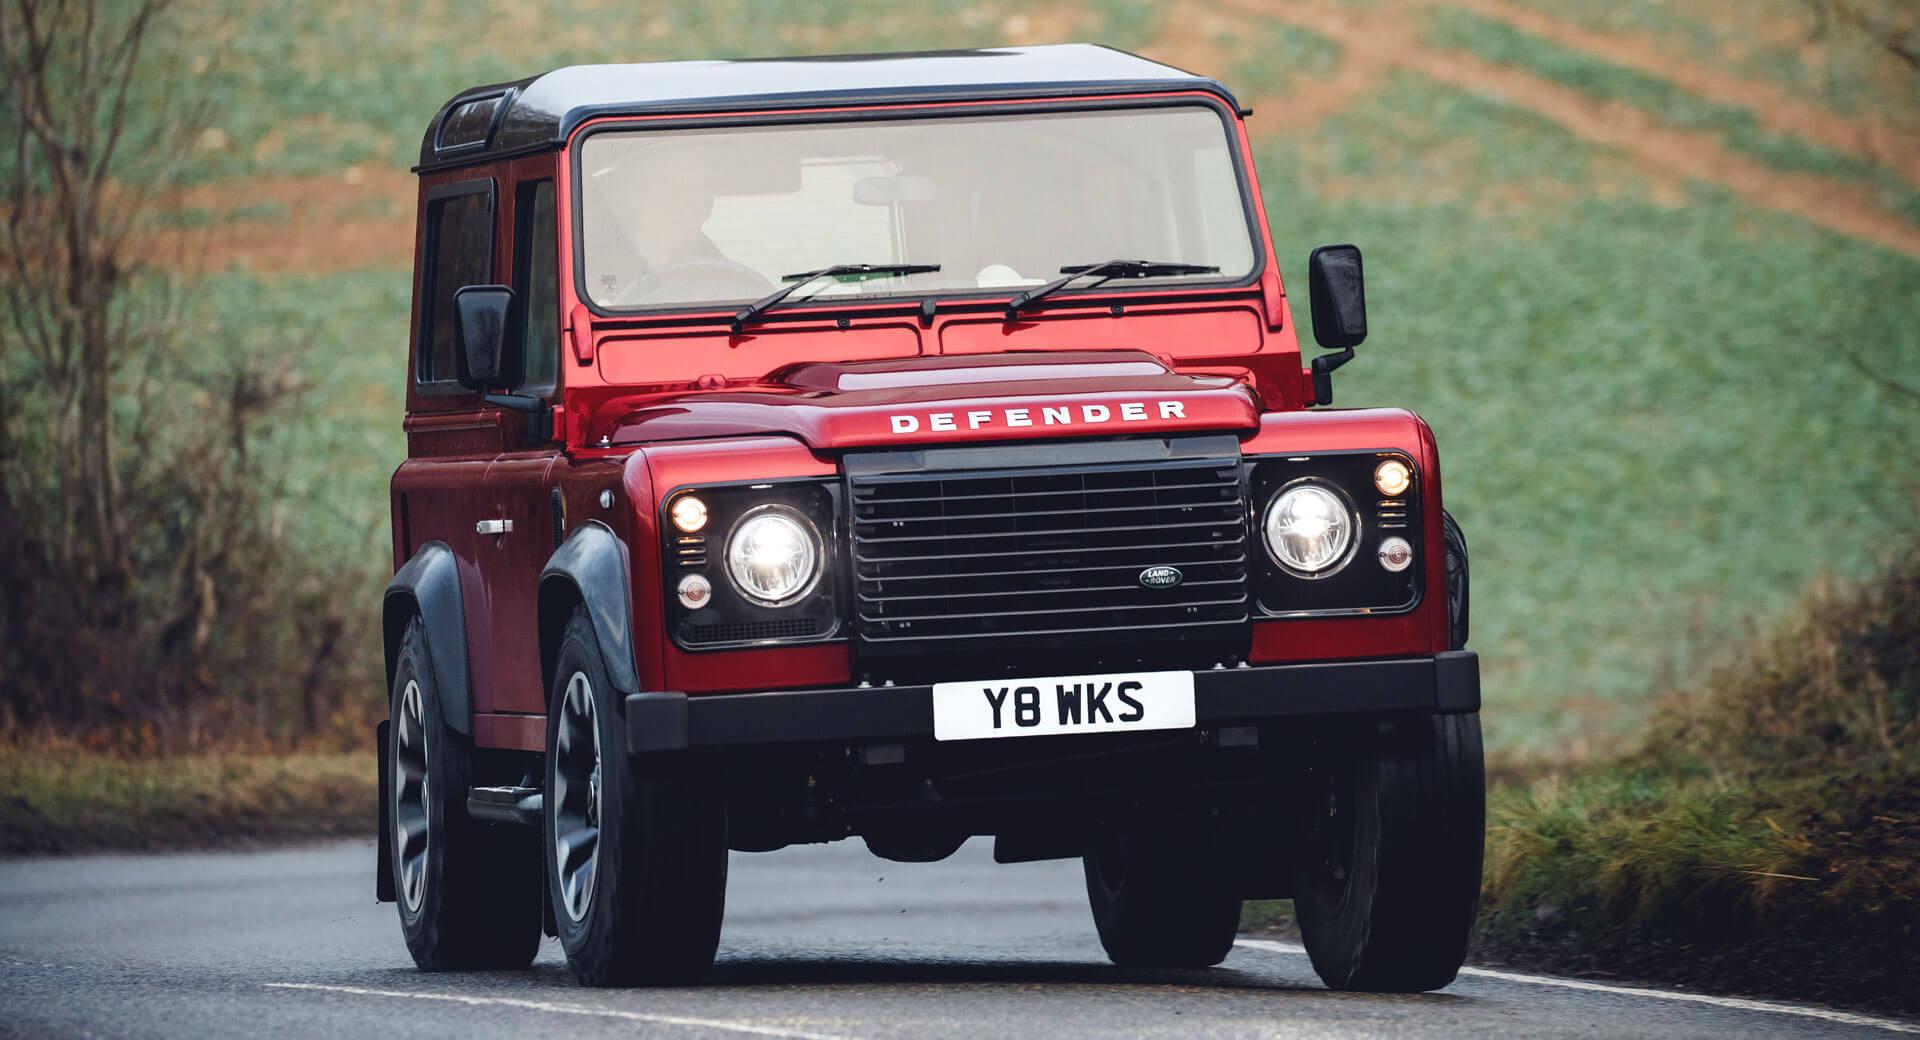 化工巨頭英力士進軍汽車業 打造路虎衛士競爭車型